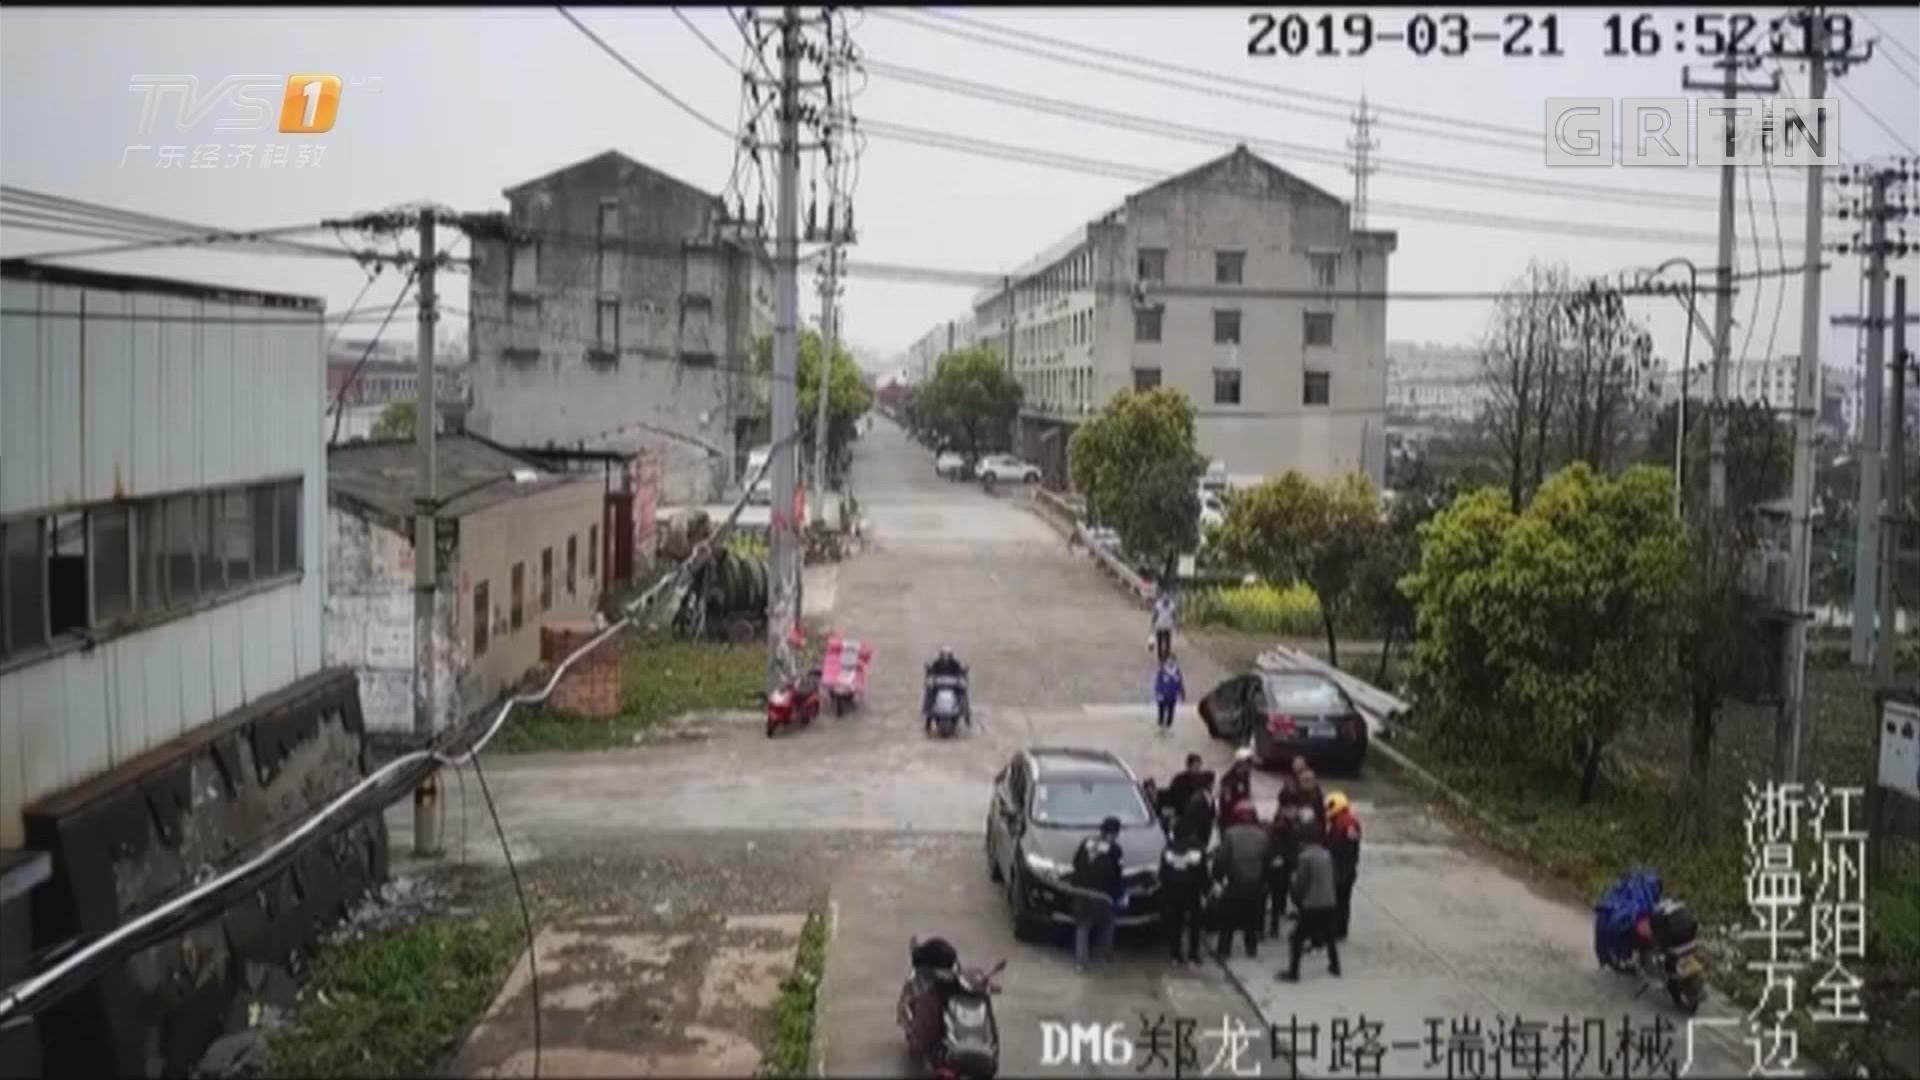 温州平阳:6岁男孩被卷入车底 众人抬车施救